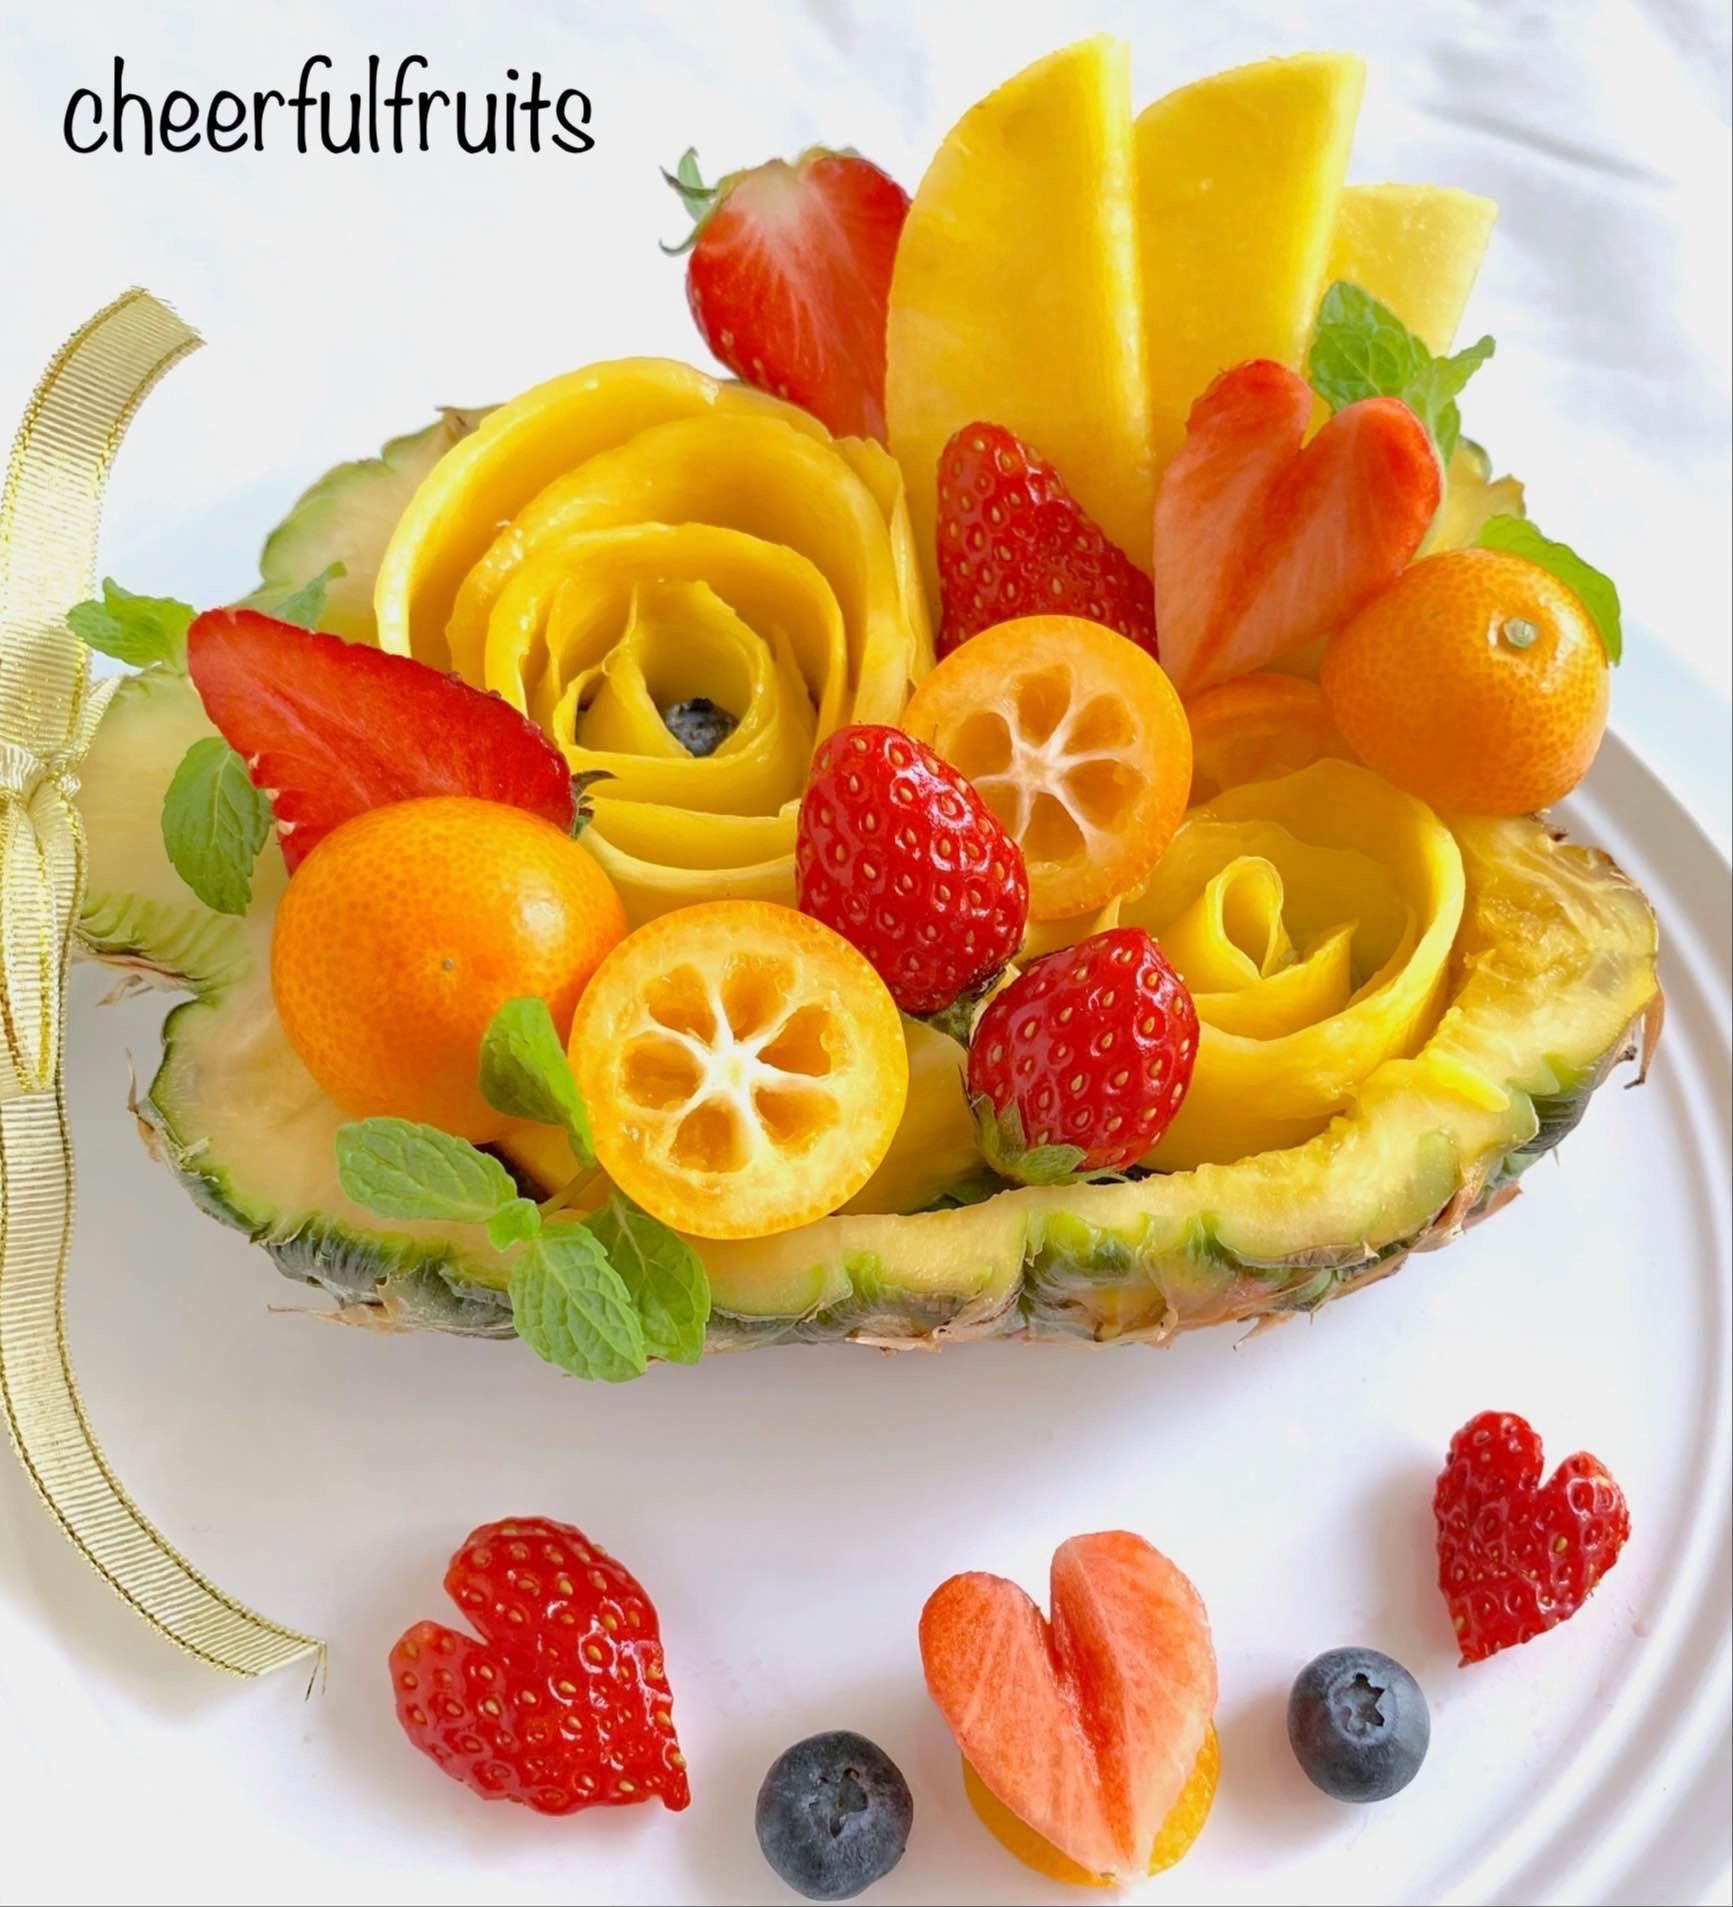 フルーツカッティング教室【cheerfulfruits】